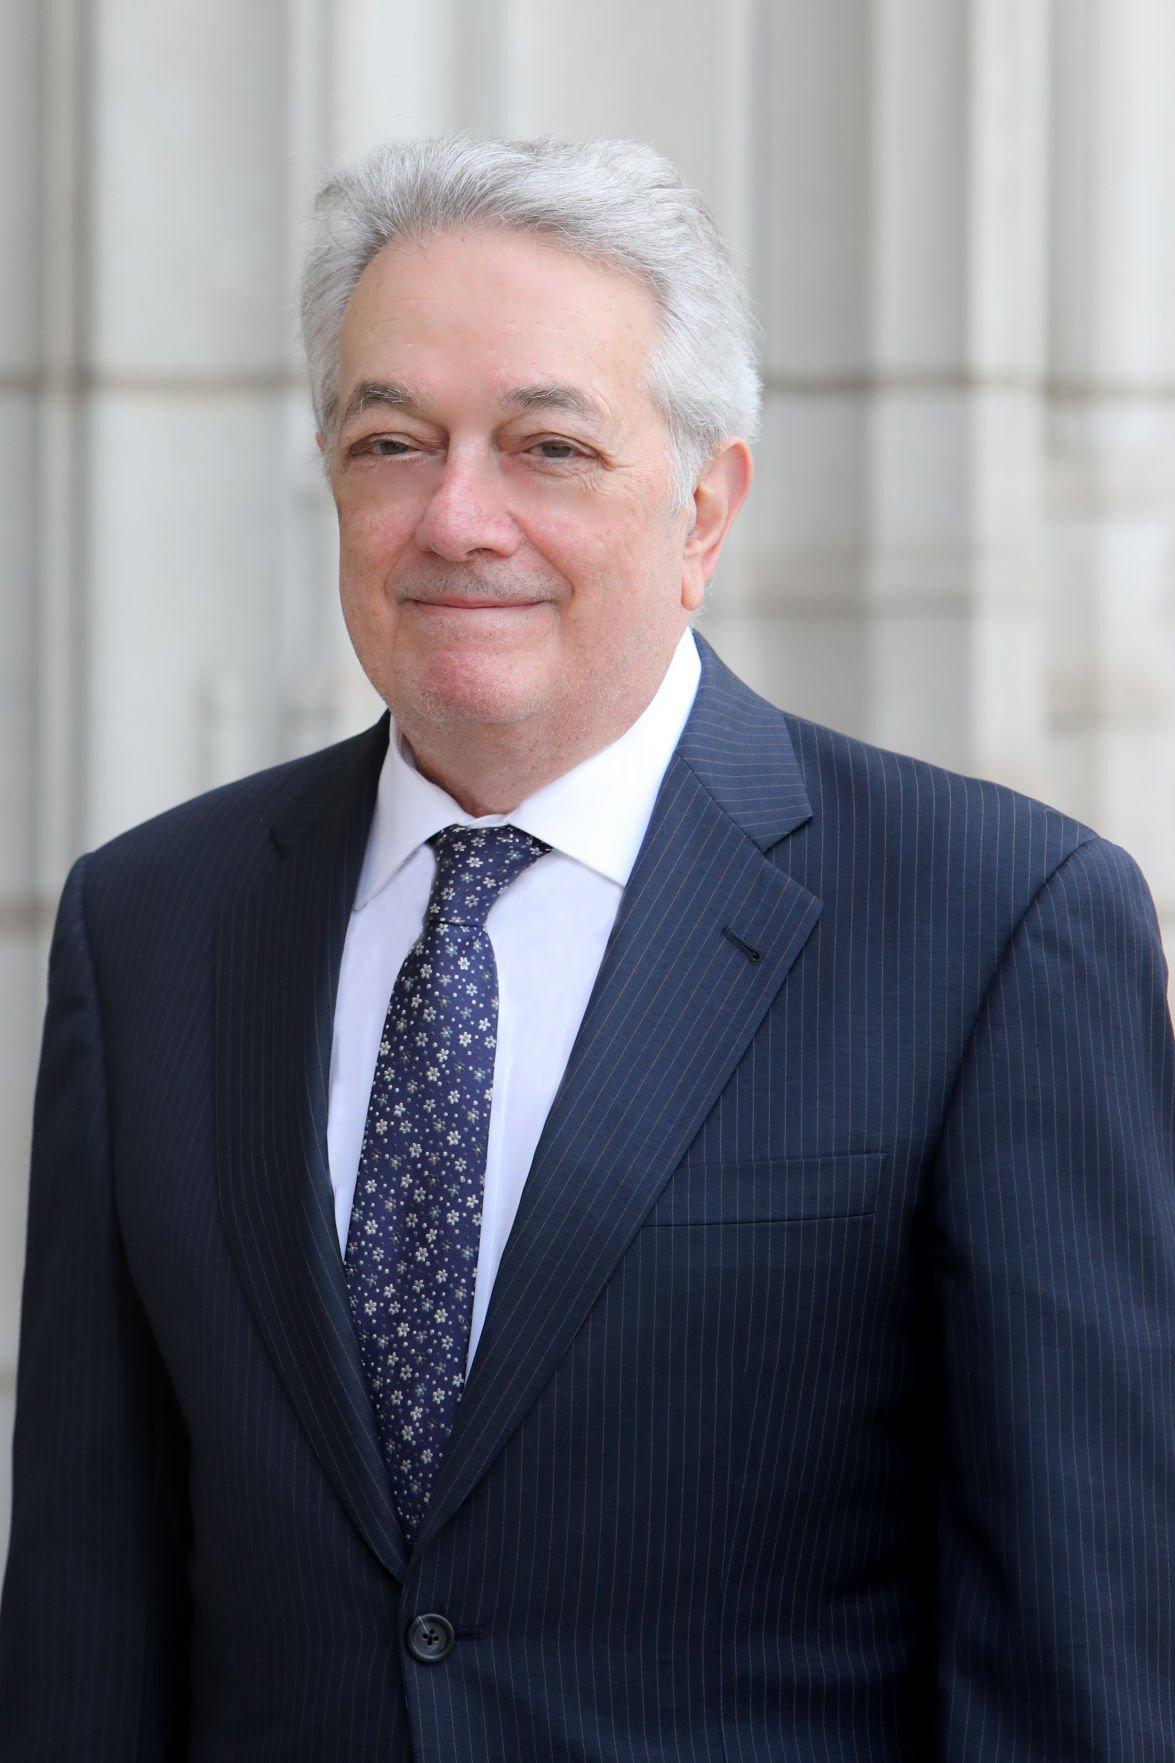 MICHAEL BARBETTI